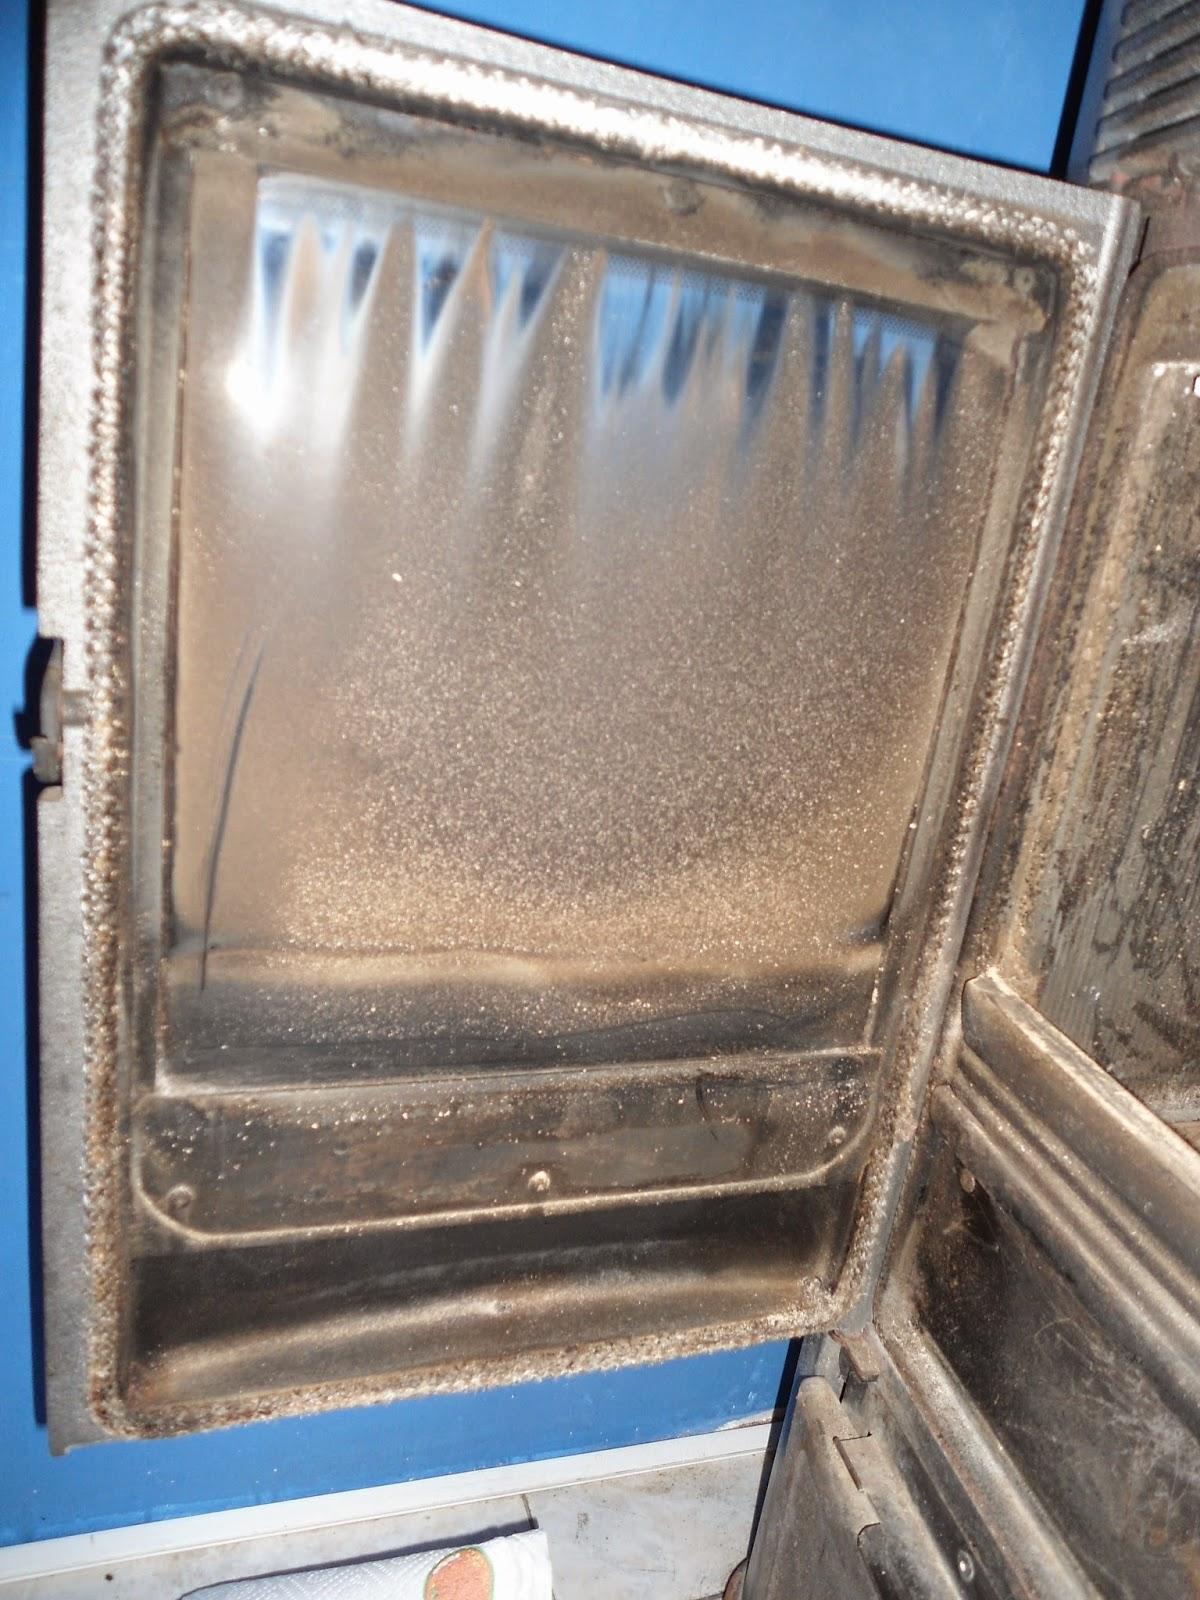 come pulire il forno? mister magic lavaforno e barbecue ... mai più sporco bruciato